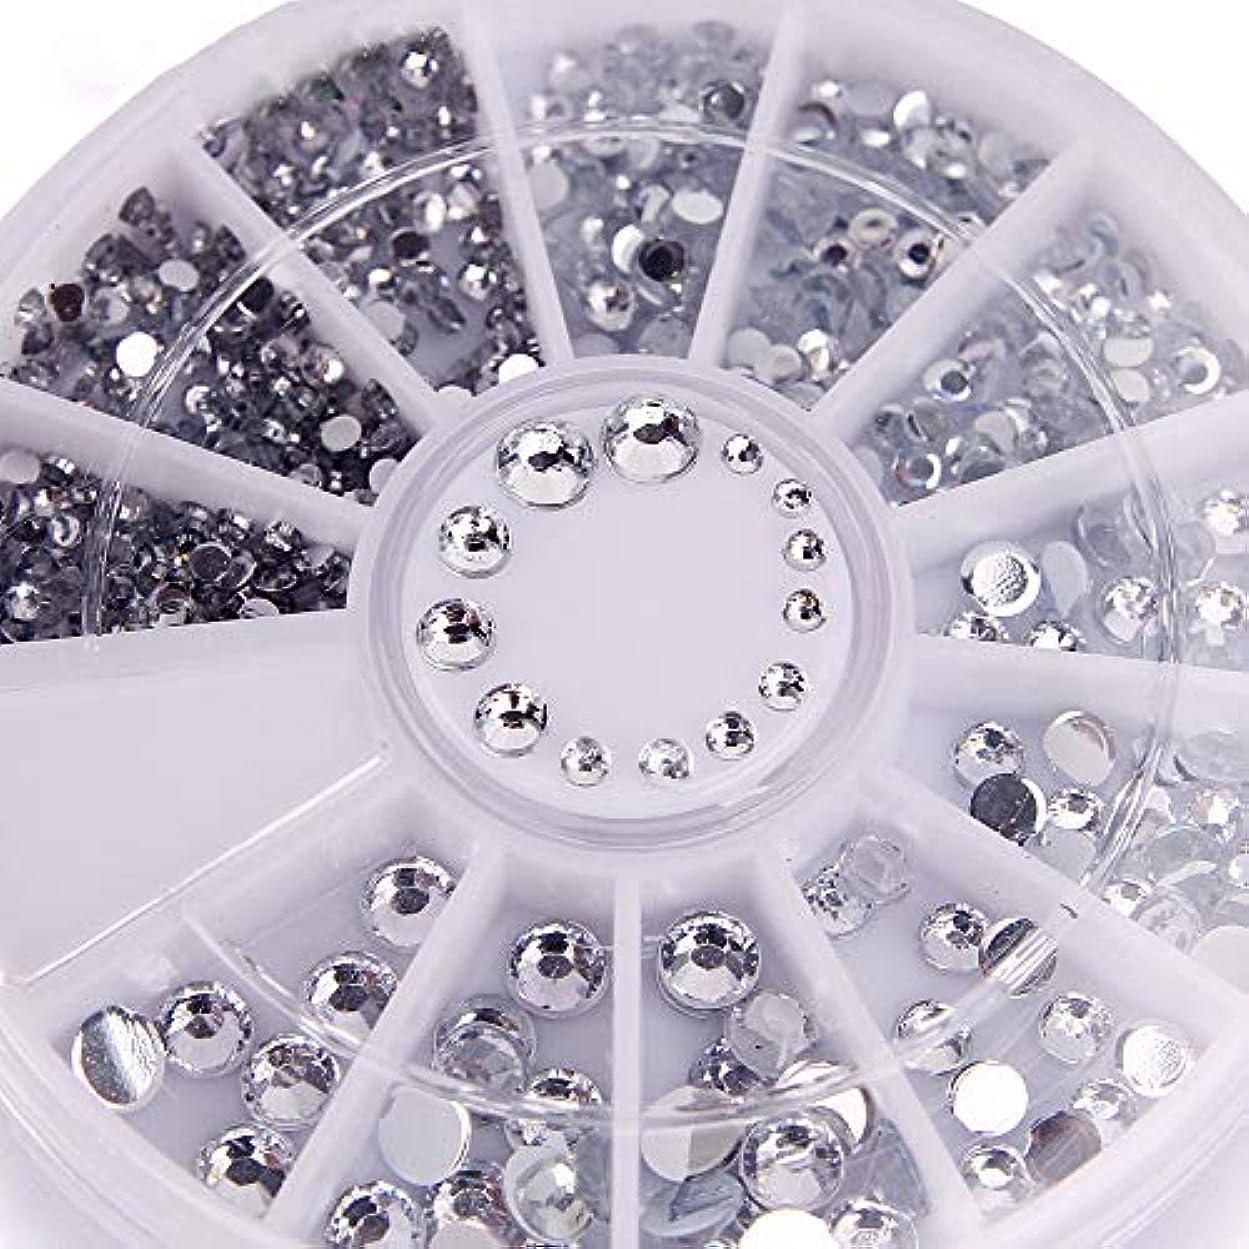 腹痛側重要性400個ネイルラインストーンミックスシルバーラウンドダイヤモンド形状1.2mm/2mm/3mm/4mm 3DネイルデコレーションアクリルUVジェル